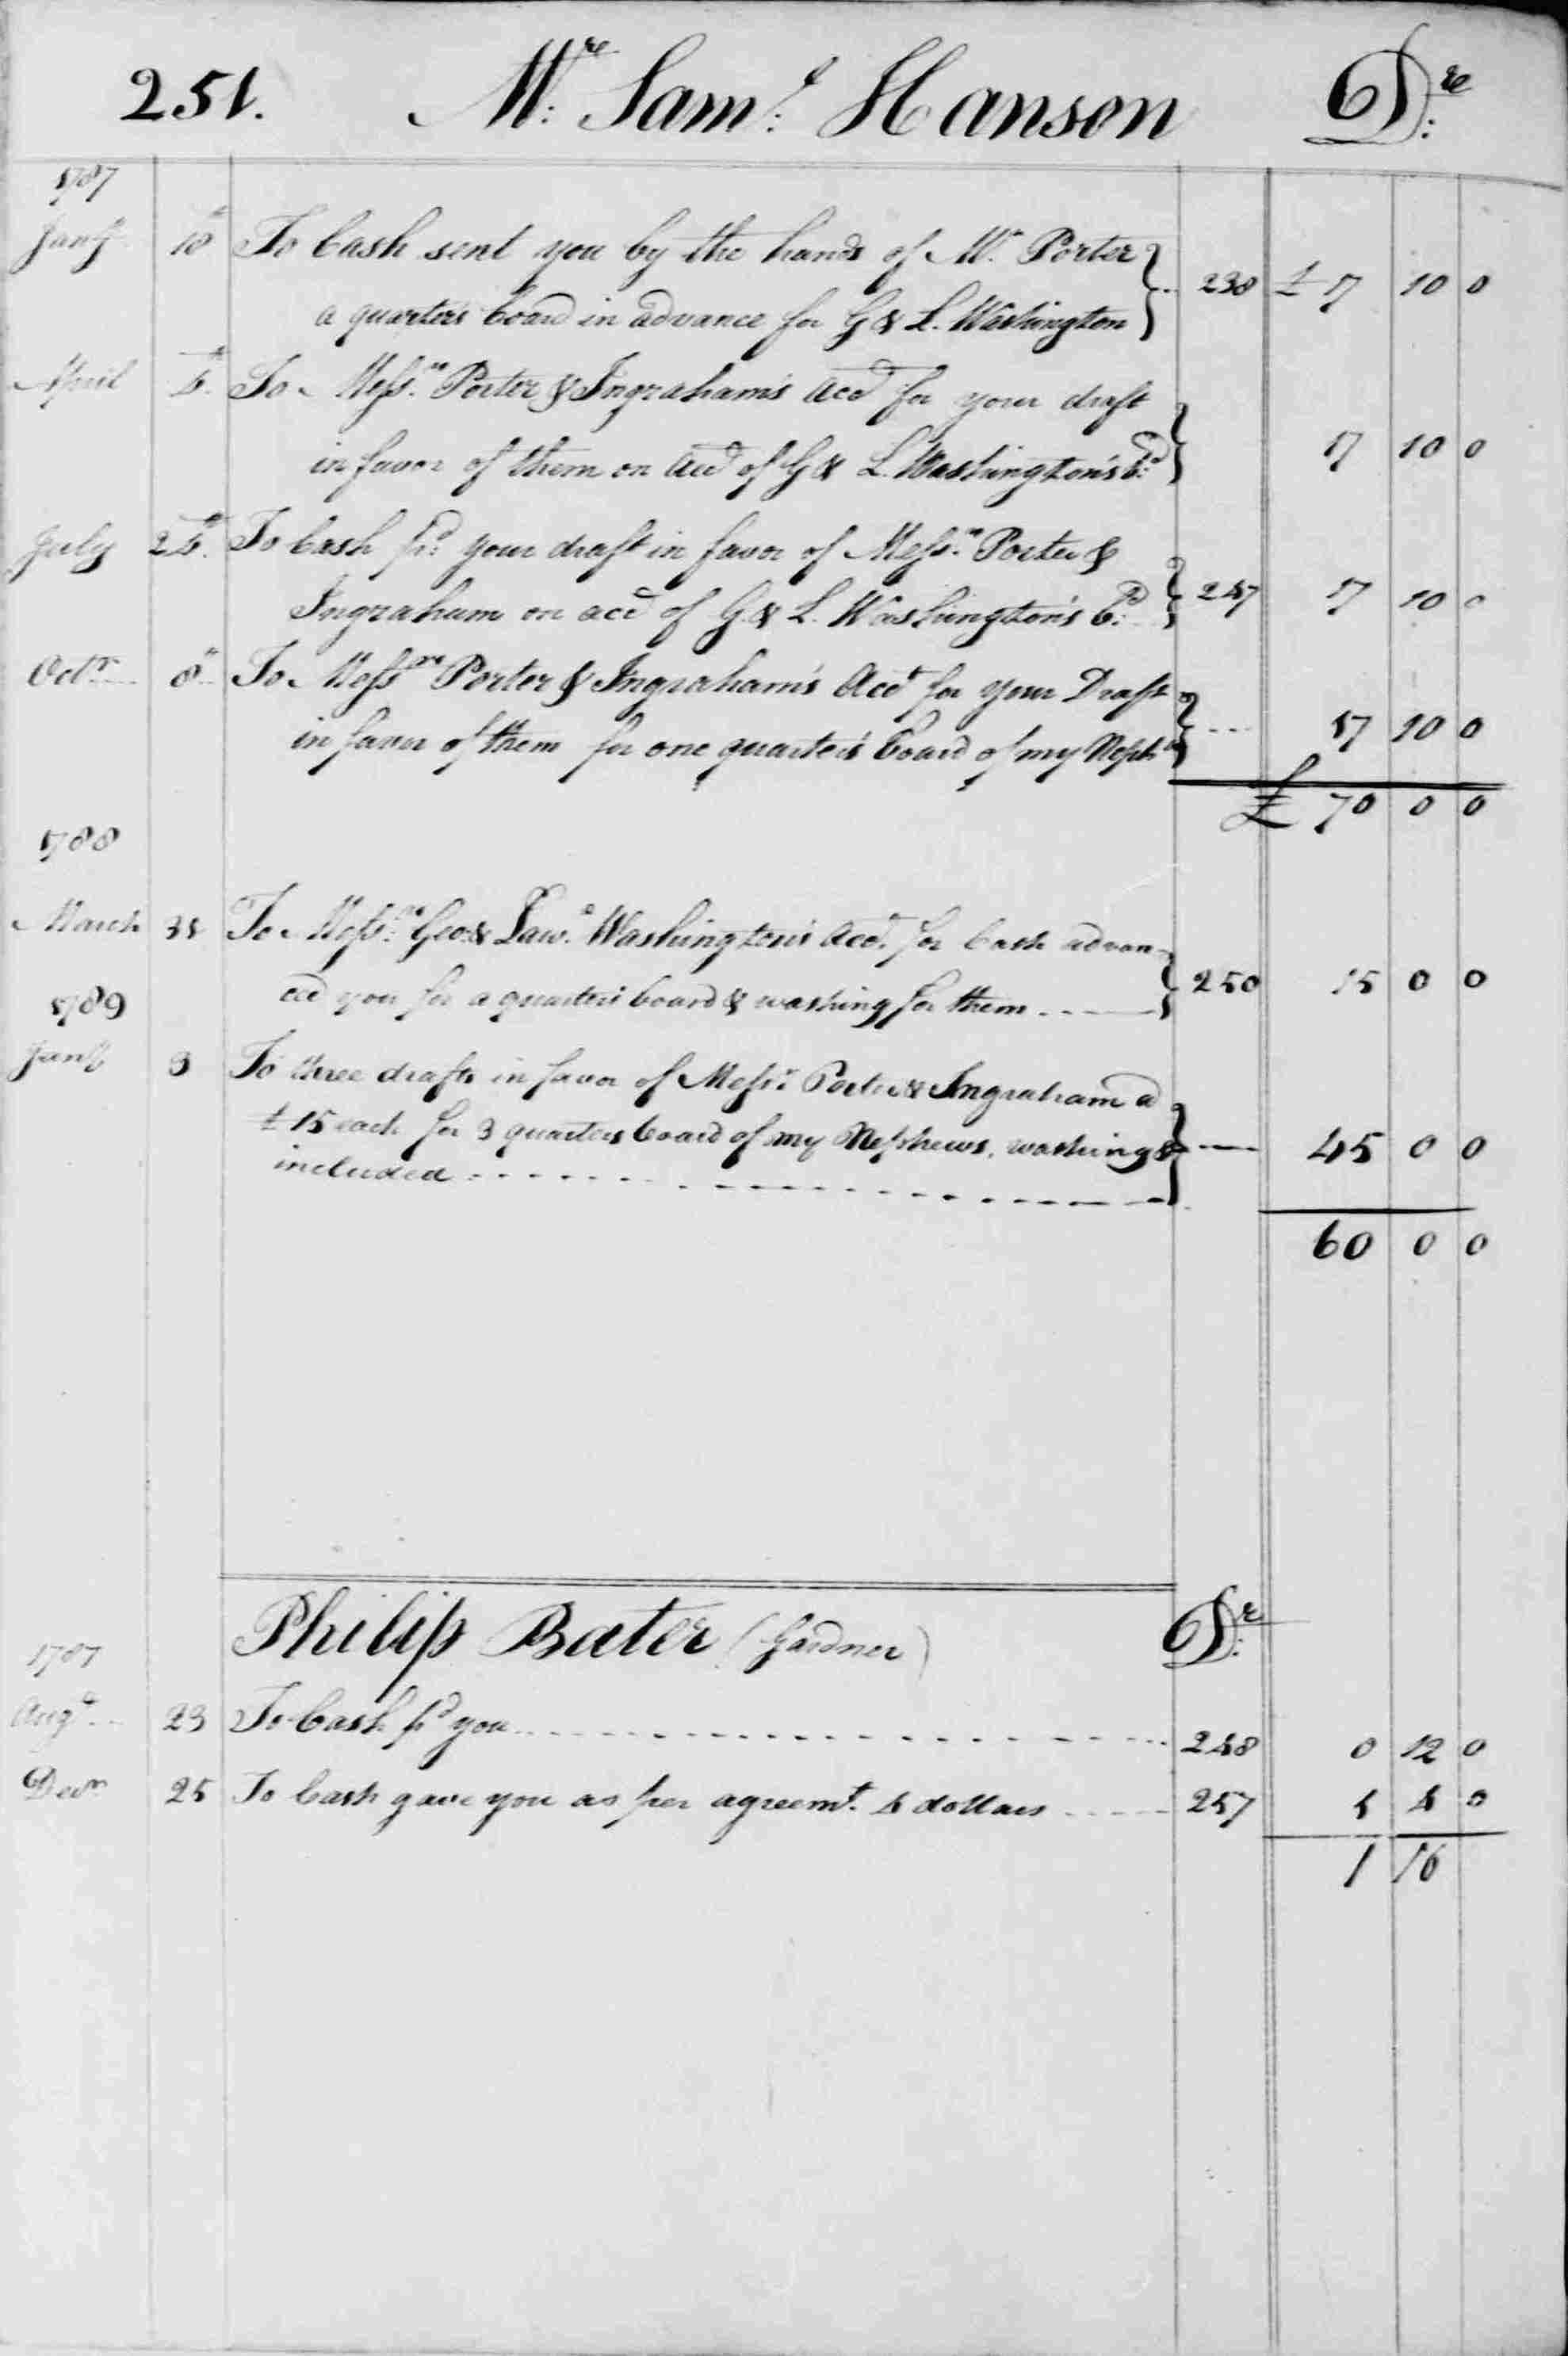 Ledger B, folio 251, left side